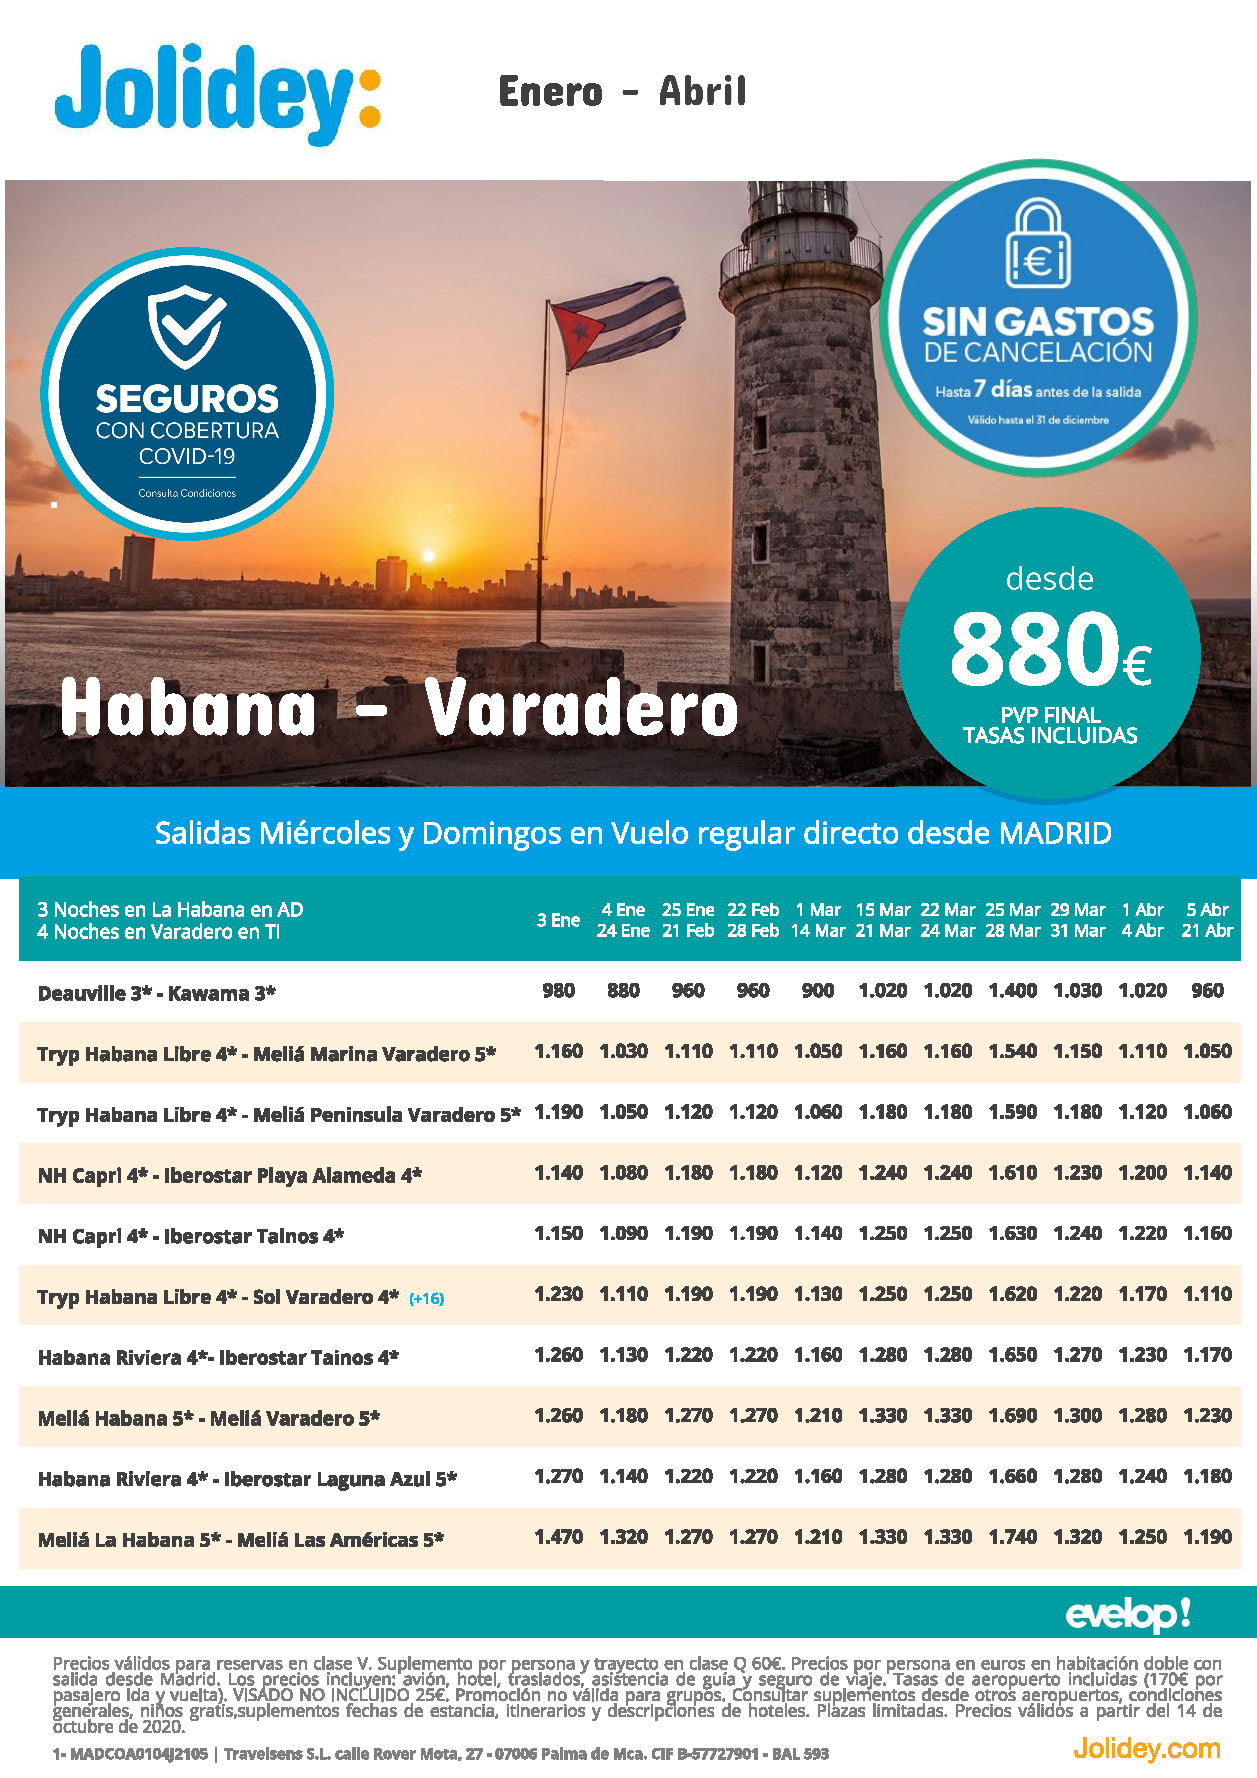 Oferta Jolidey Combinados La Habana-Varadero Enero a Abril 2021 vuelo directo desde Madrid